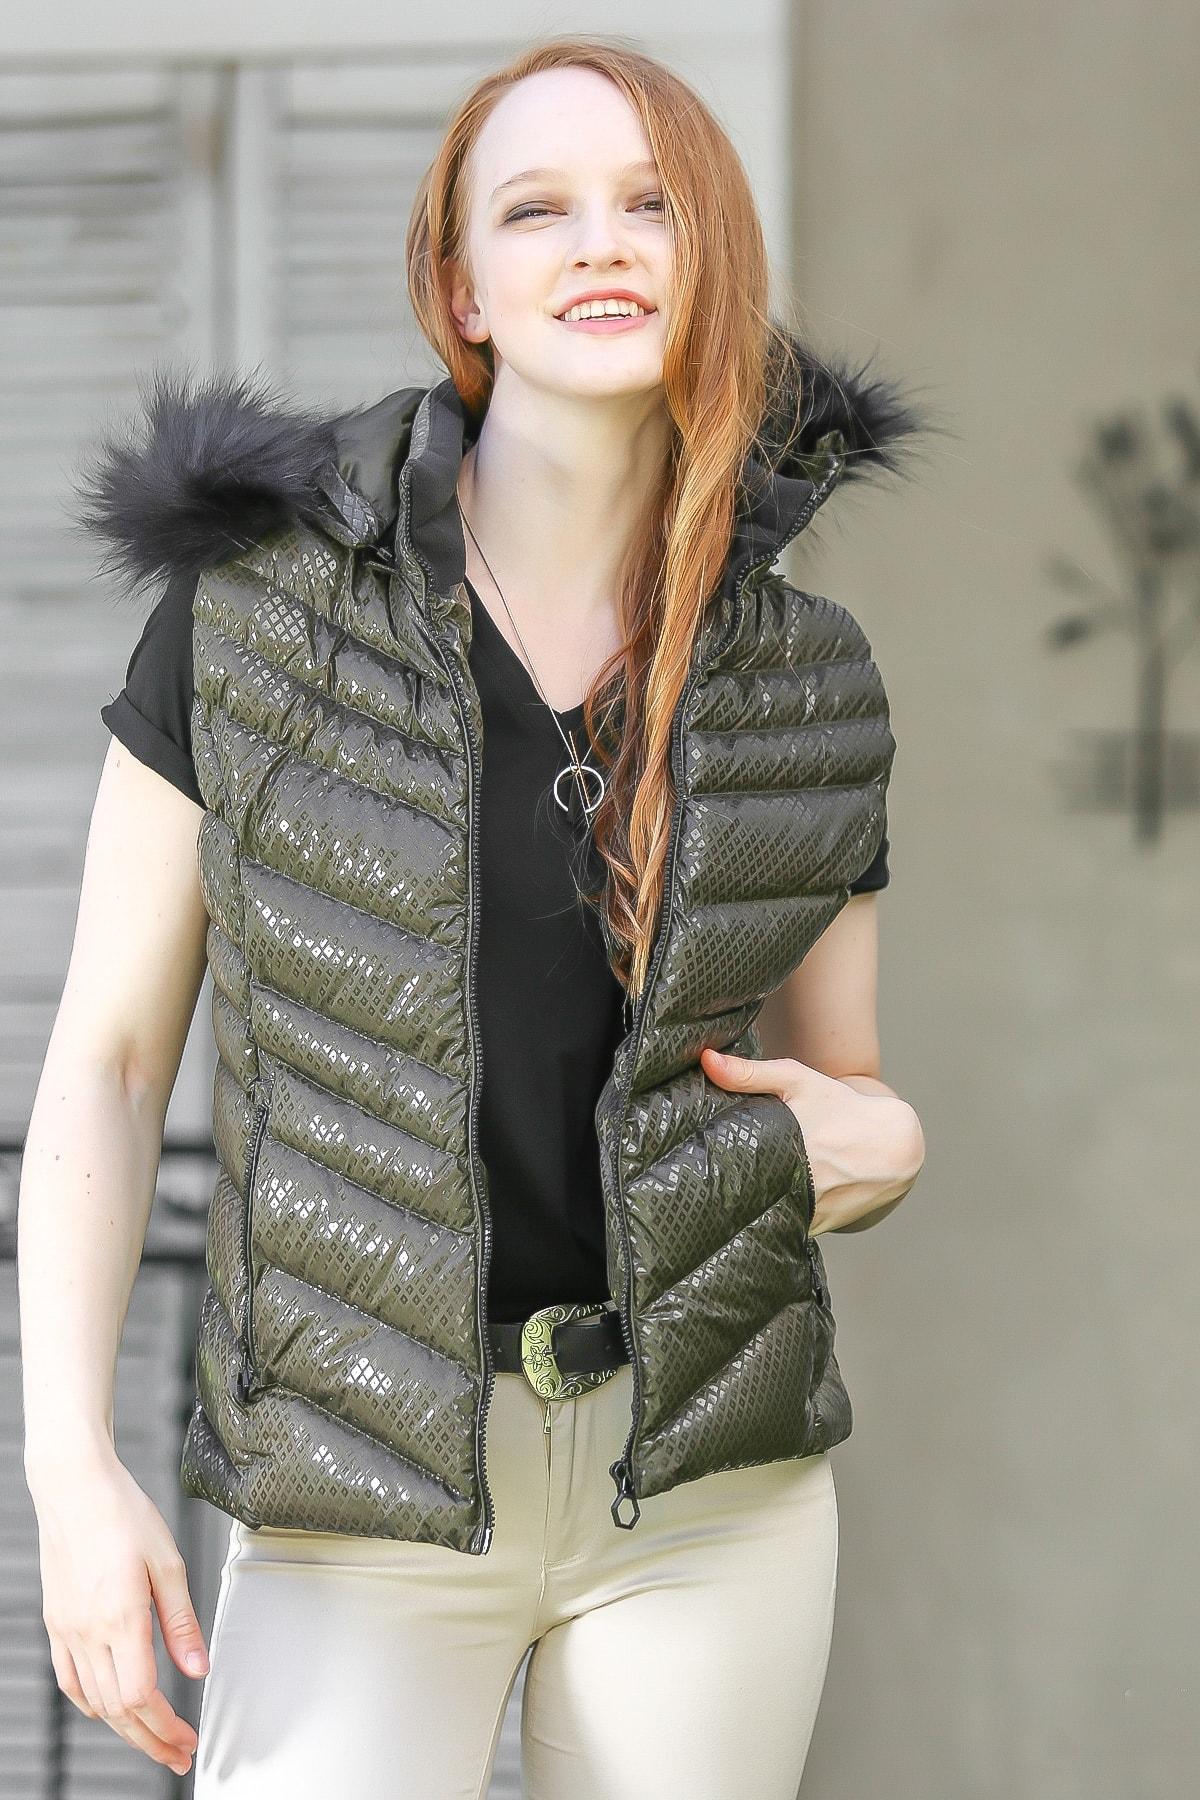 Chiccy Kadın Haki Casual kapüşonlu zikzak desen vegan kürklü cep detaylı şişme yelek M10010600YL99847 1